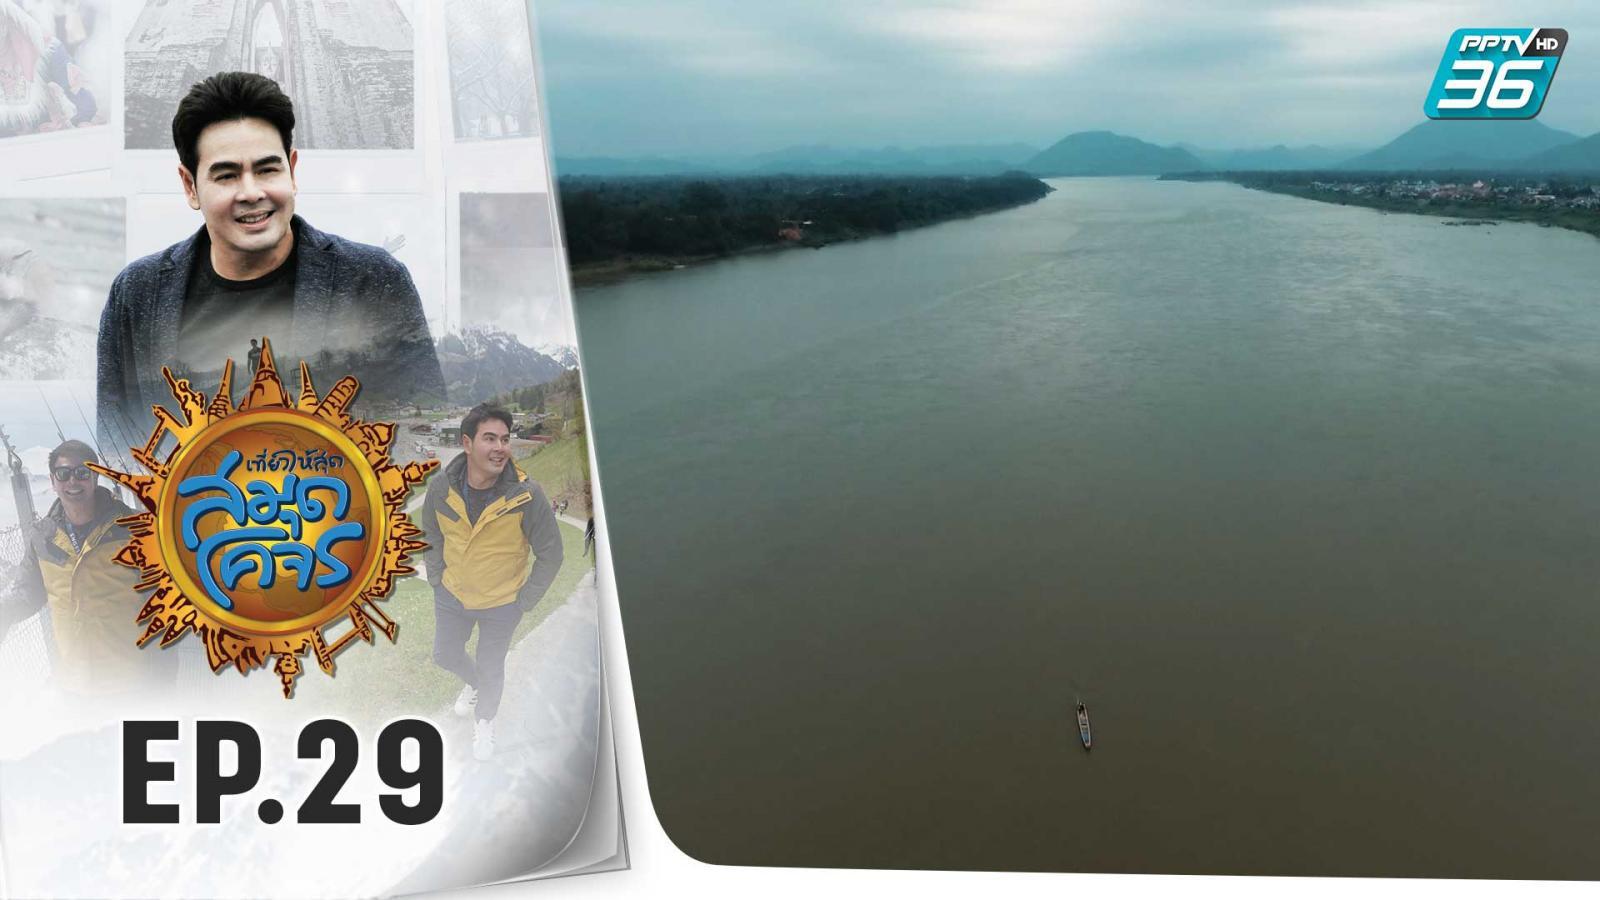 เที่ยวให้สุด สมุดโคจร | อุบลราชธานี (ม่วนซื่นริมแม่น้ำโขง) EP.29 | 6 พ.ค. 63